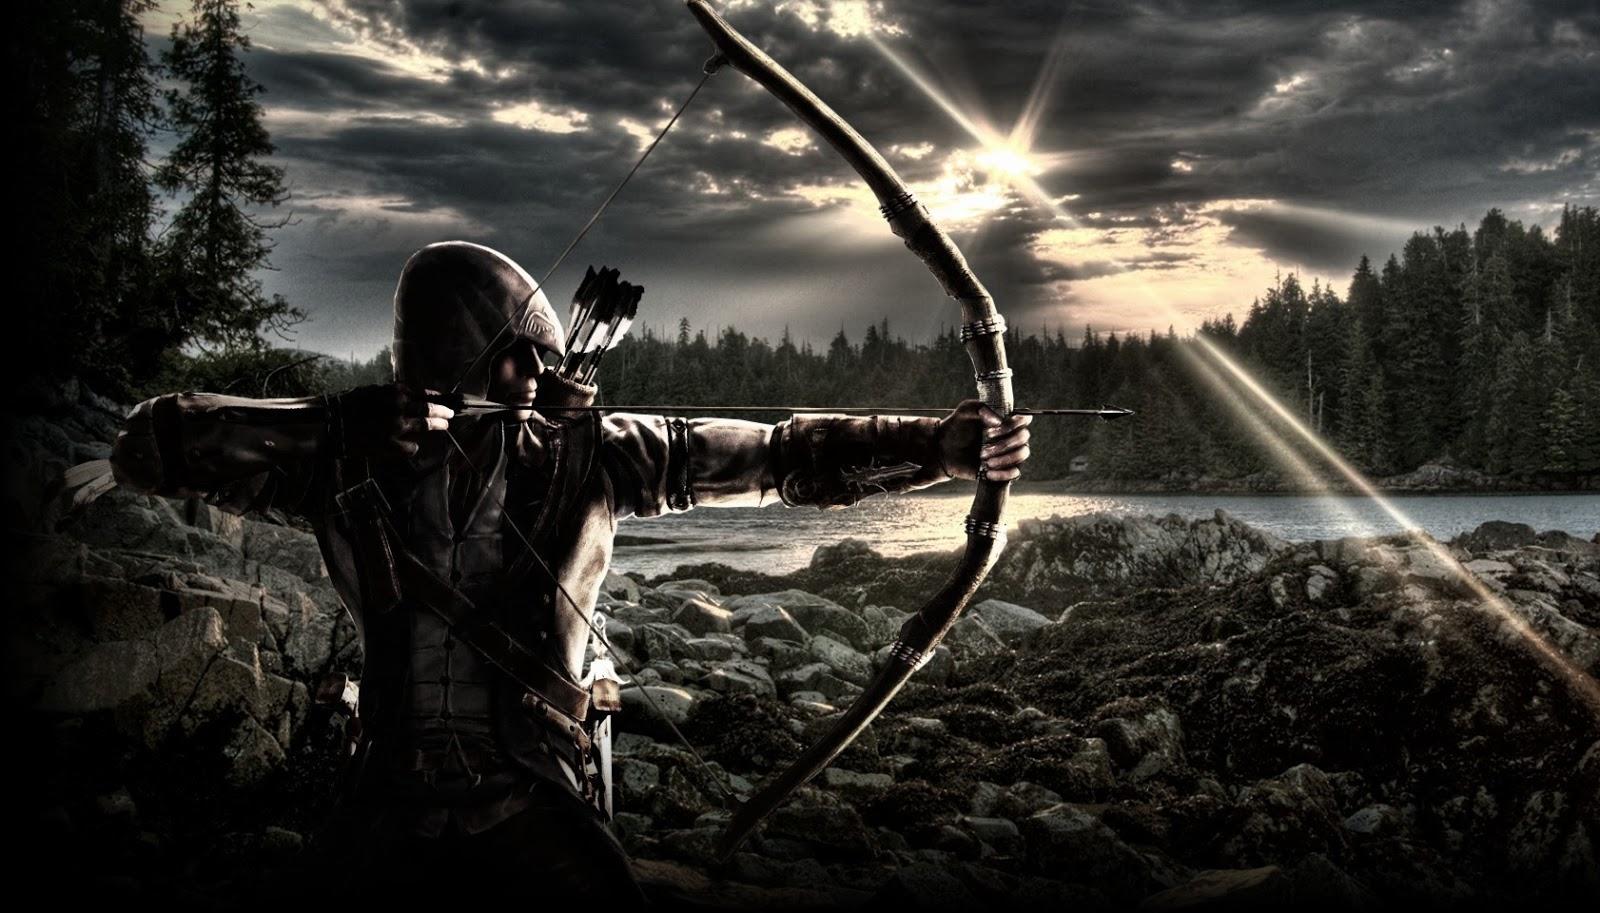 Robin Hood | Filme de origens, com Taron Egerton, ganha data de lançamento